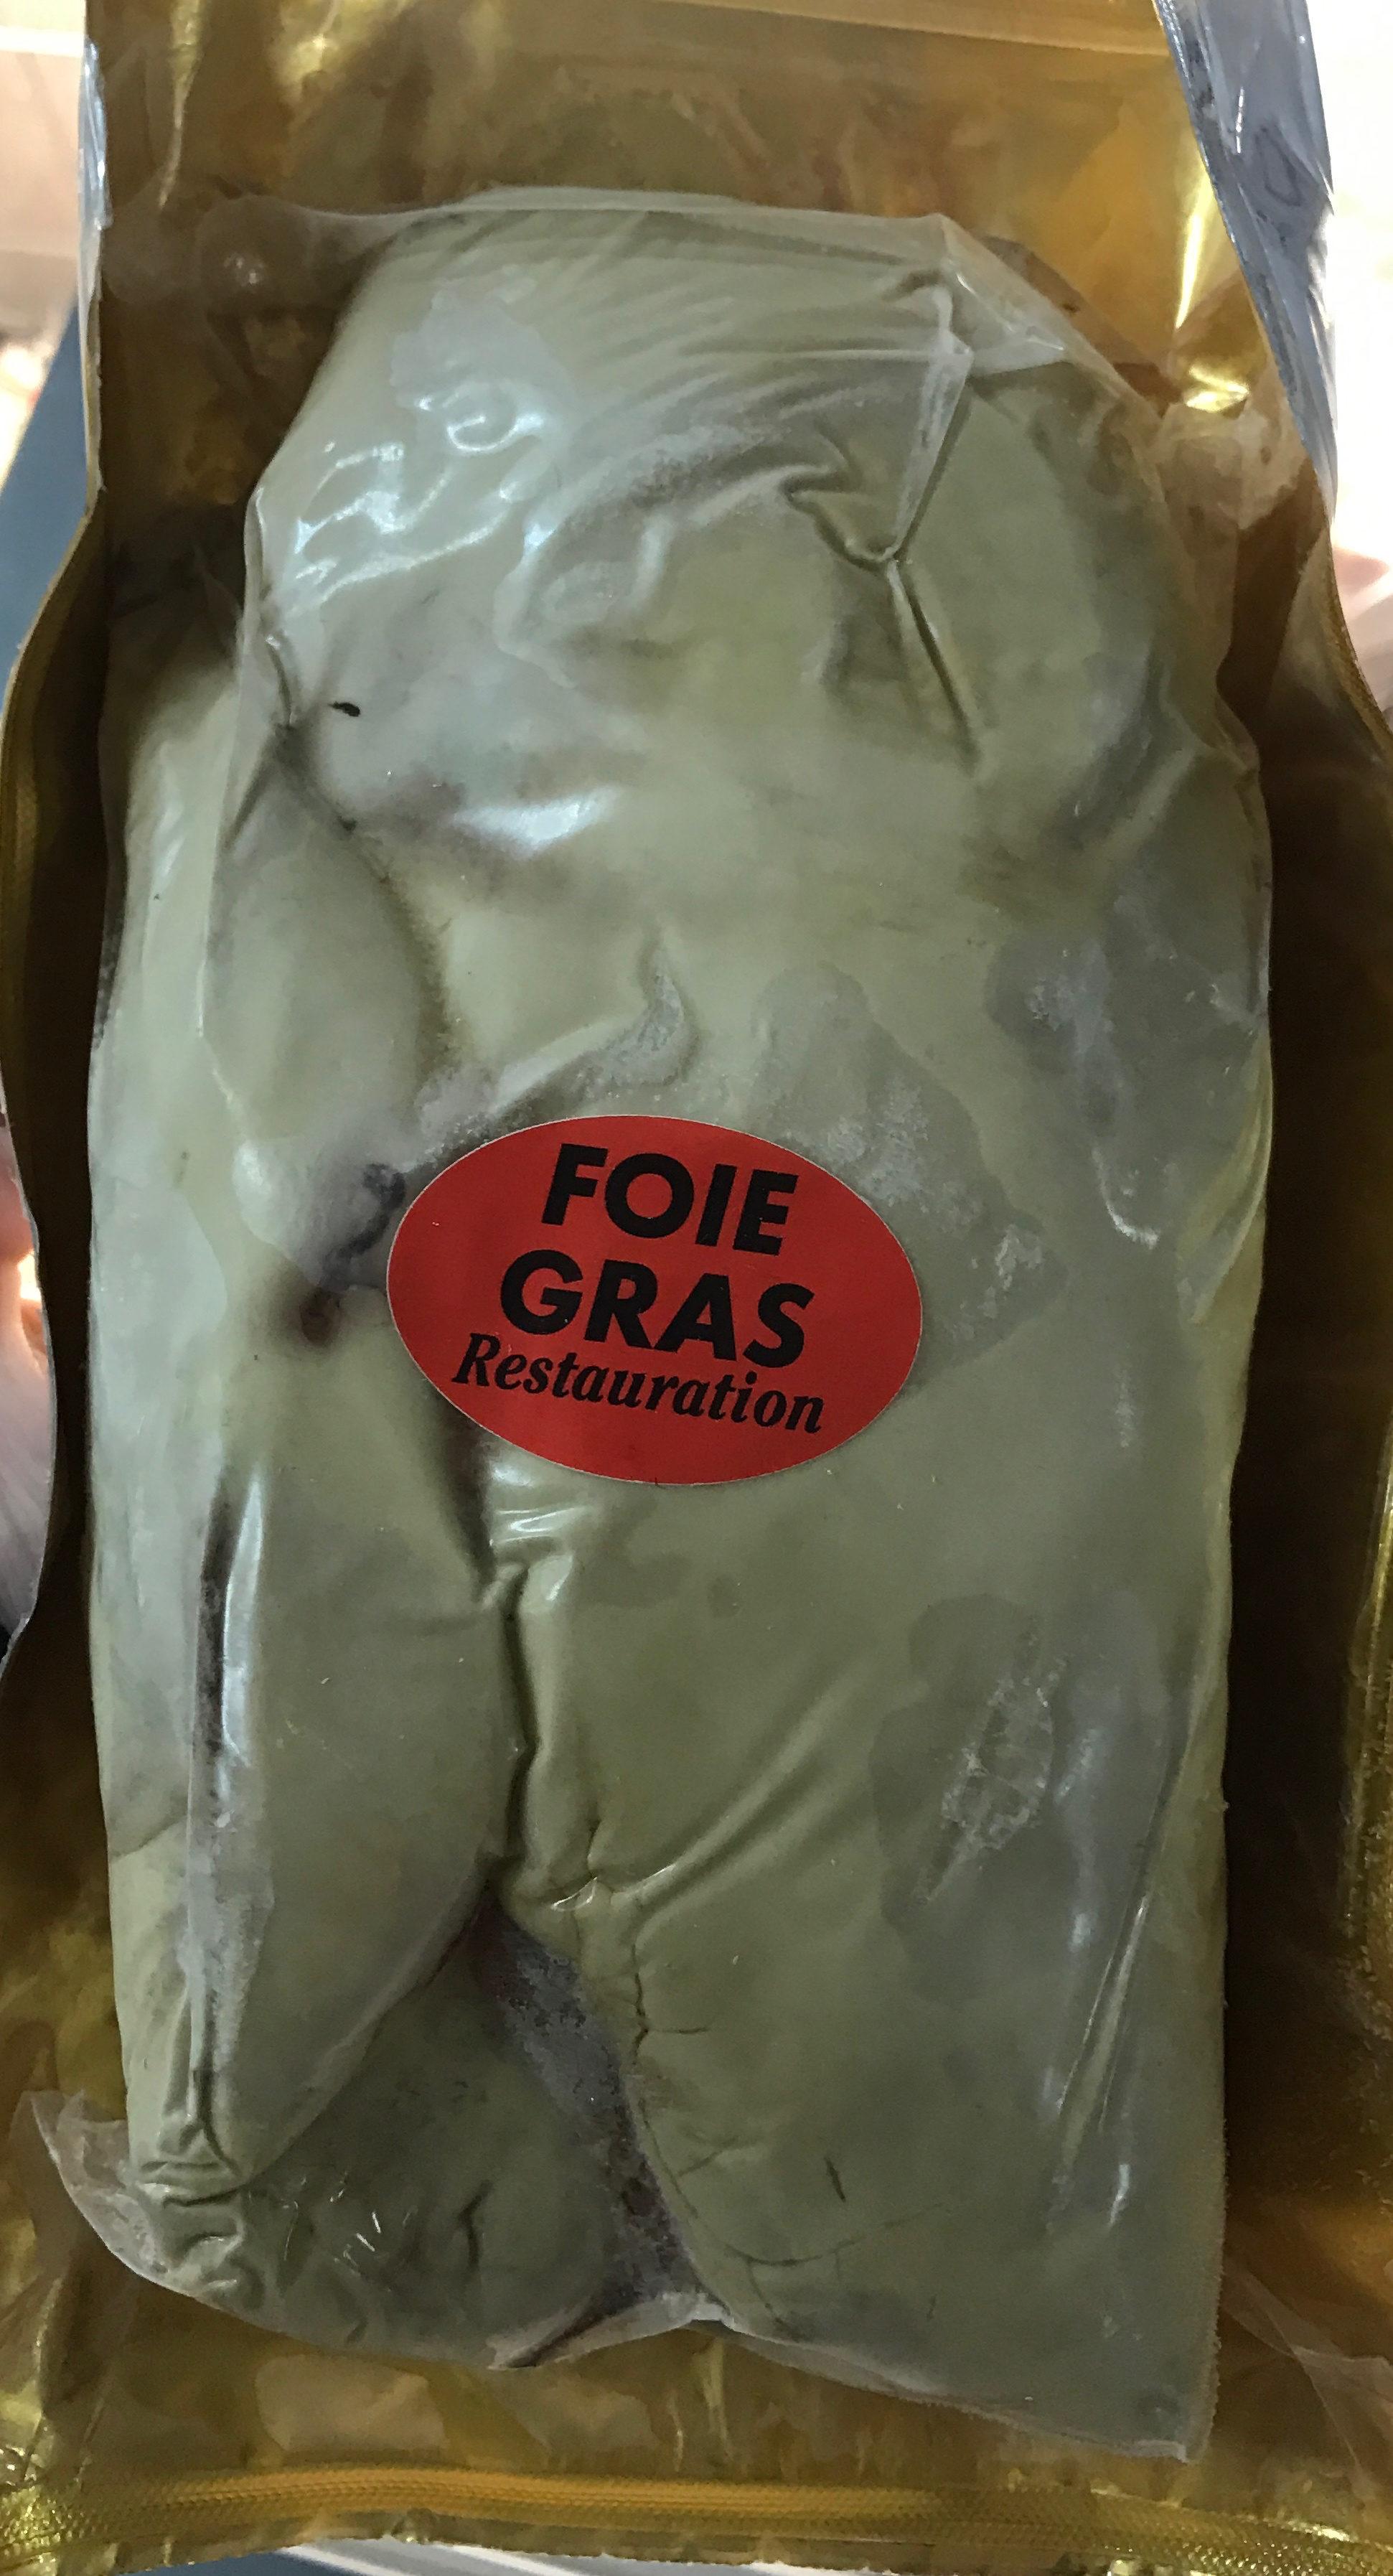 Foie gras restauration maison lafitte 0 650 kg - Maison lafitte foie gras ...